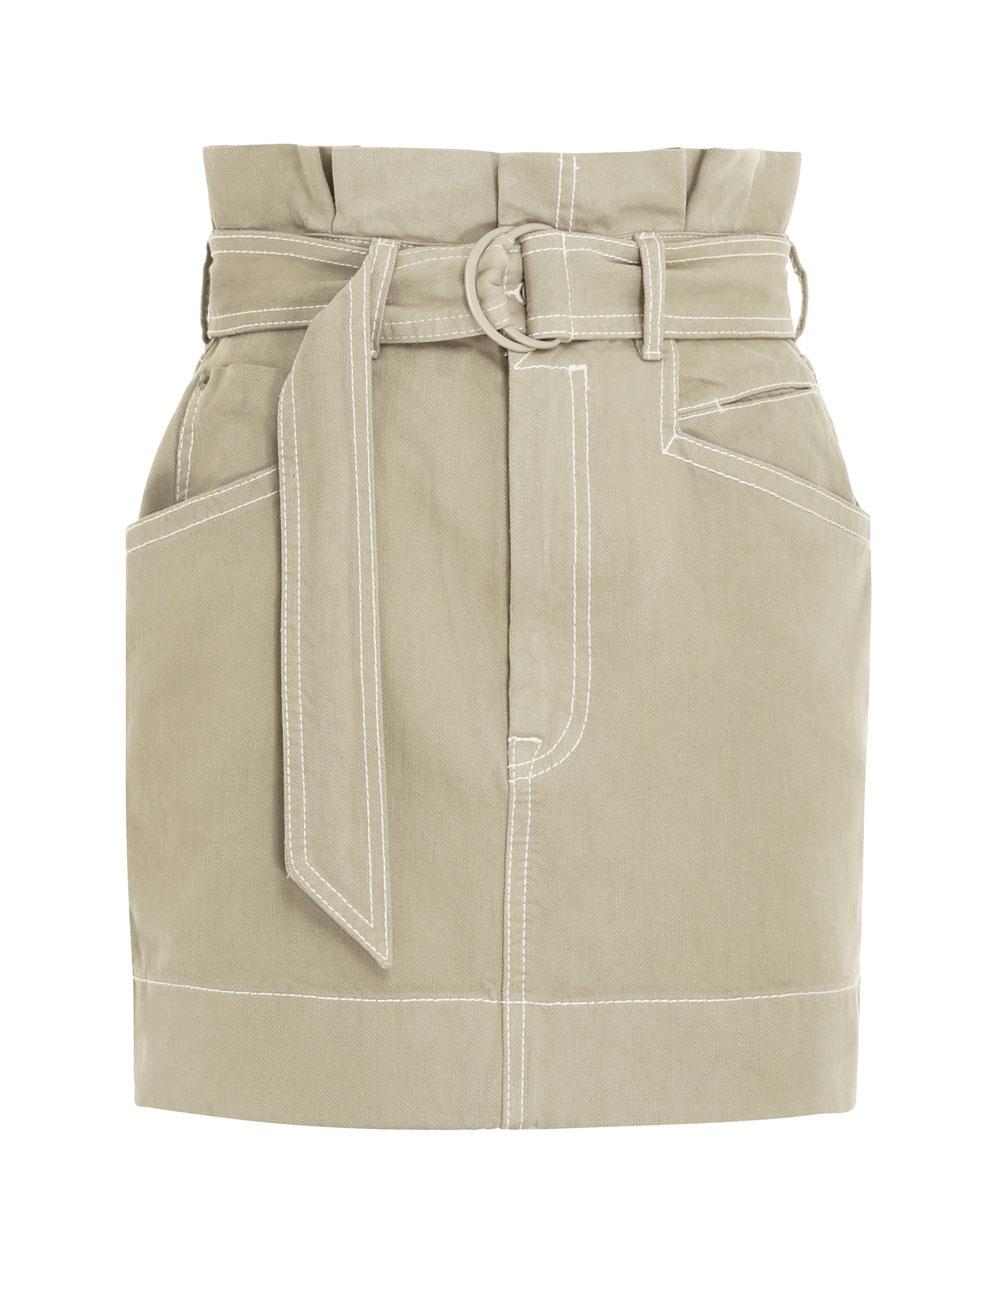 Utility Skirt